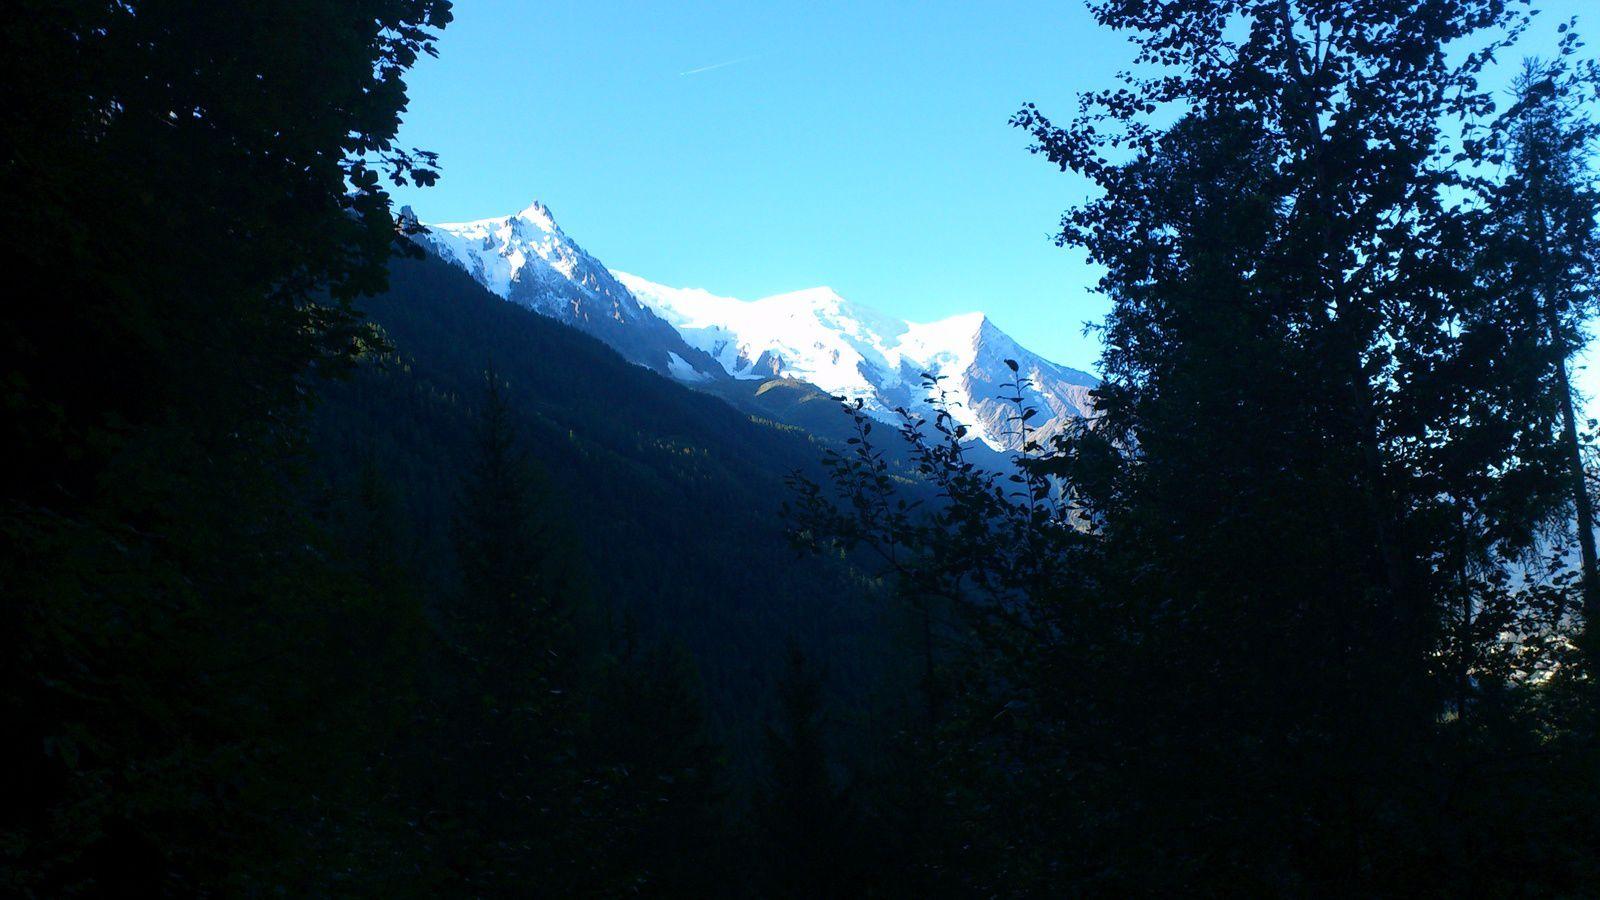 Quelques photos du séjour à Chamonix du 15 au 22/08